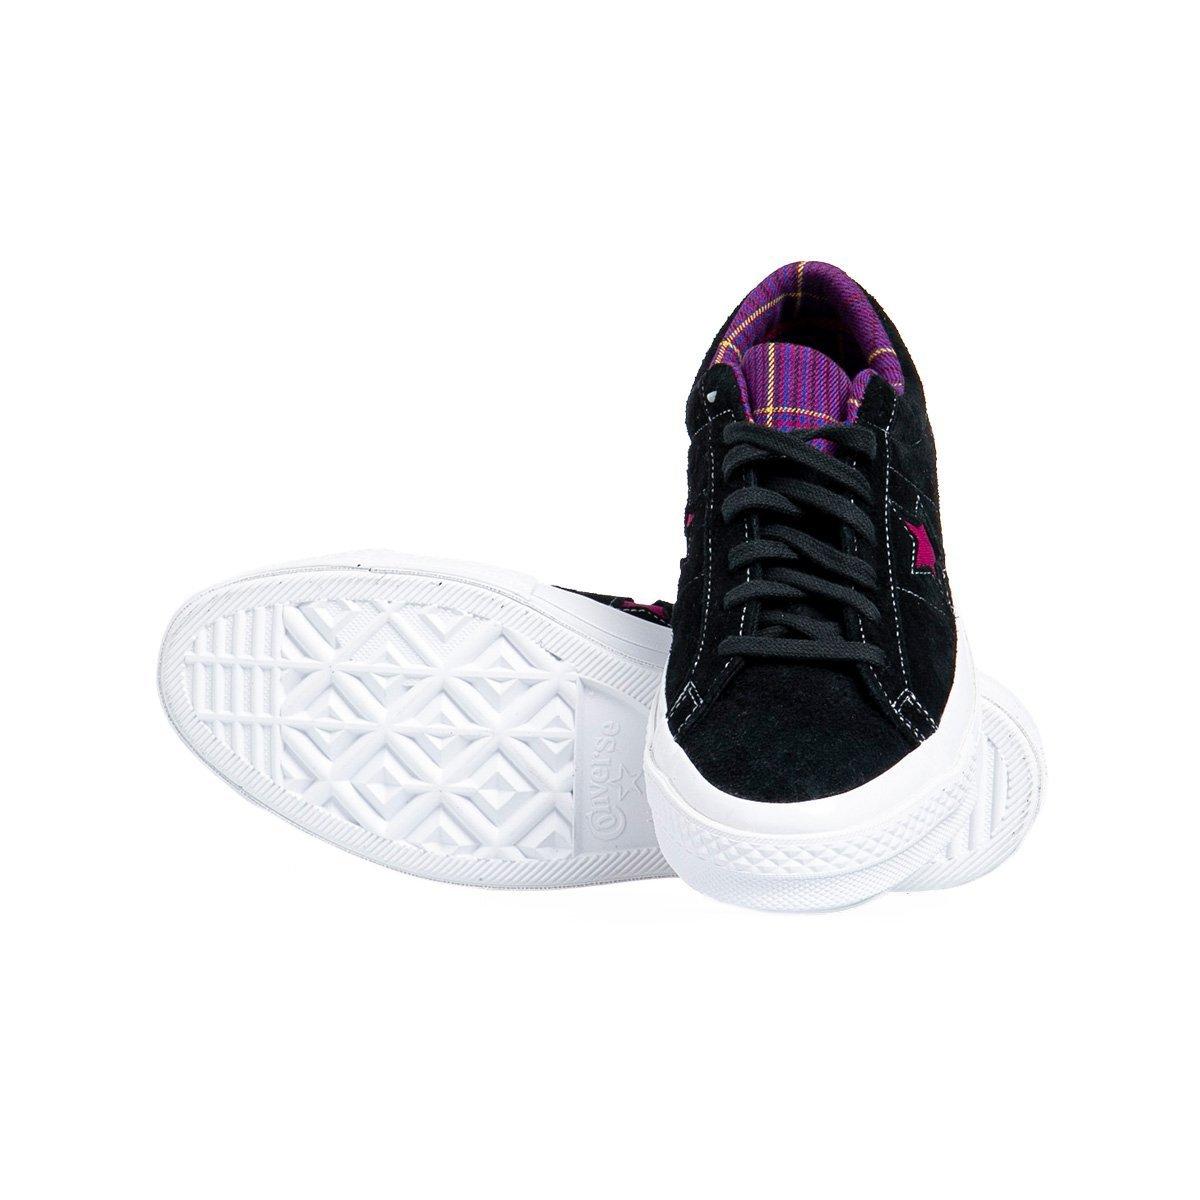 Buty Sneakers Converse One Star OX czarne (166847C)